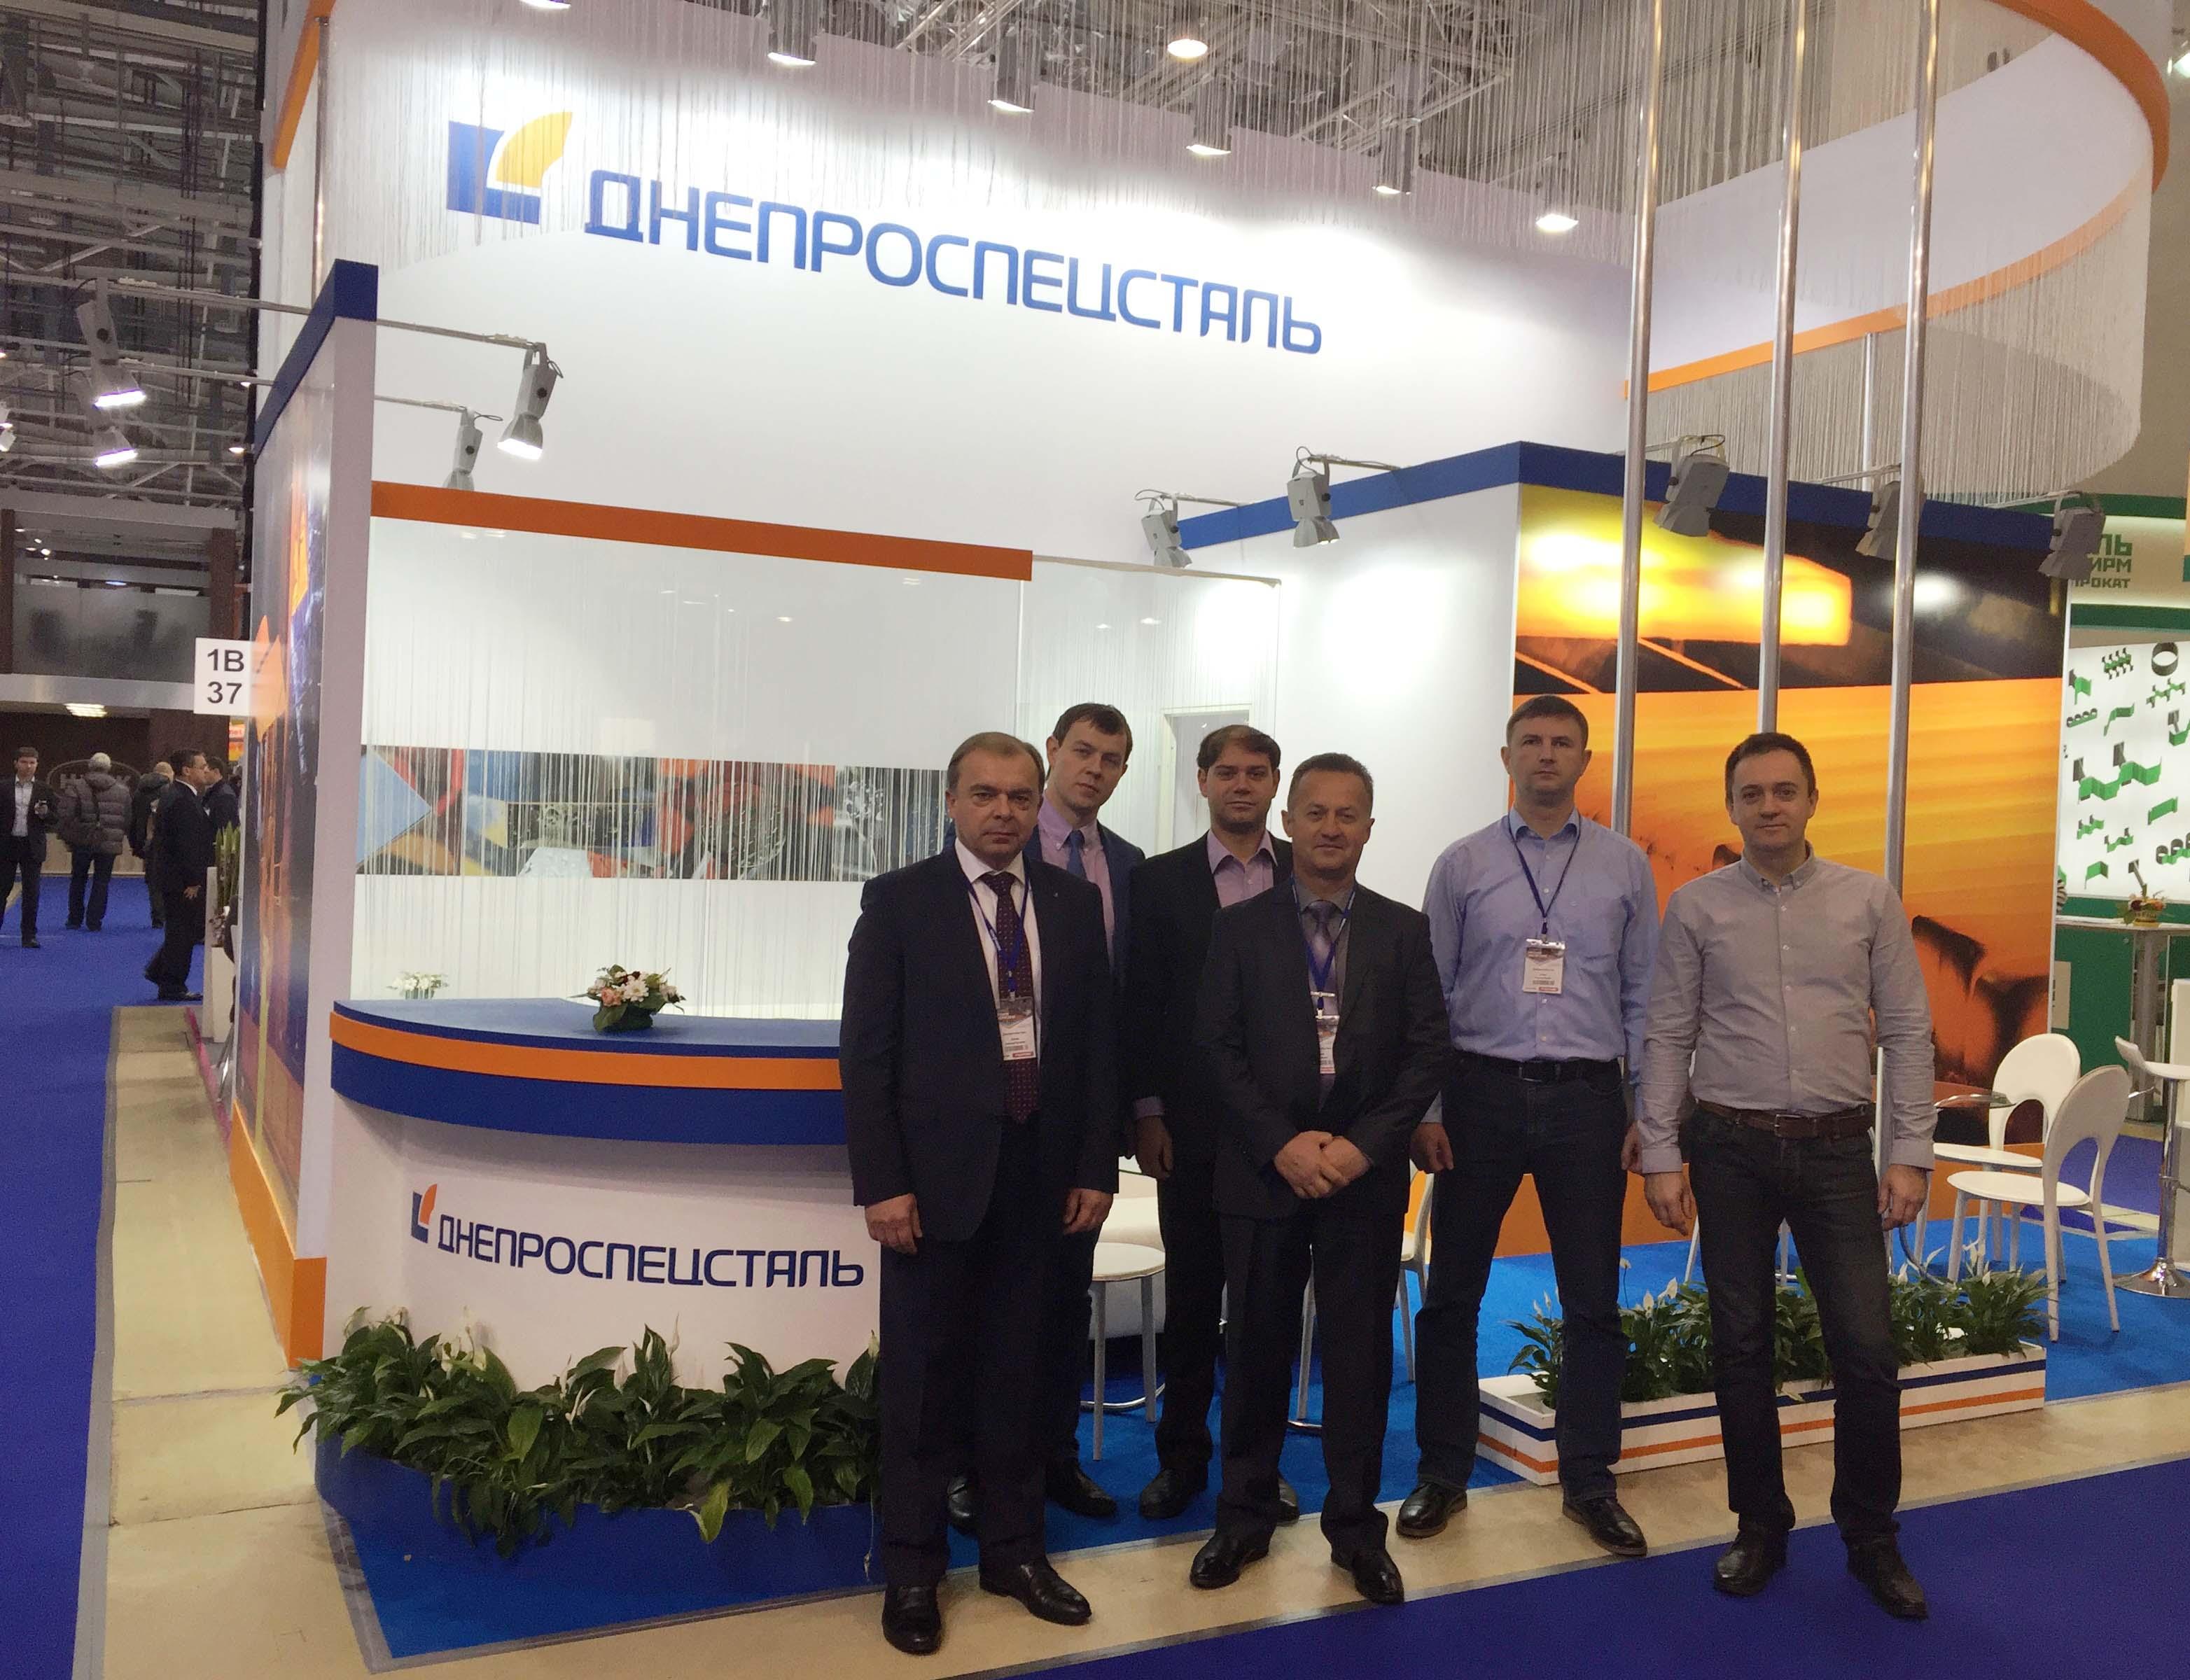 2015俄罗斯国际工业博览会